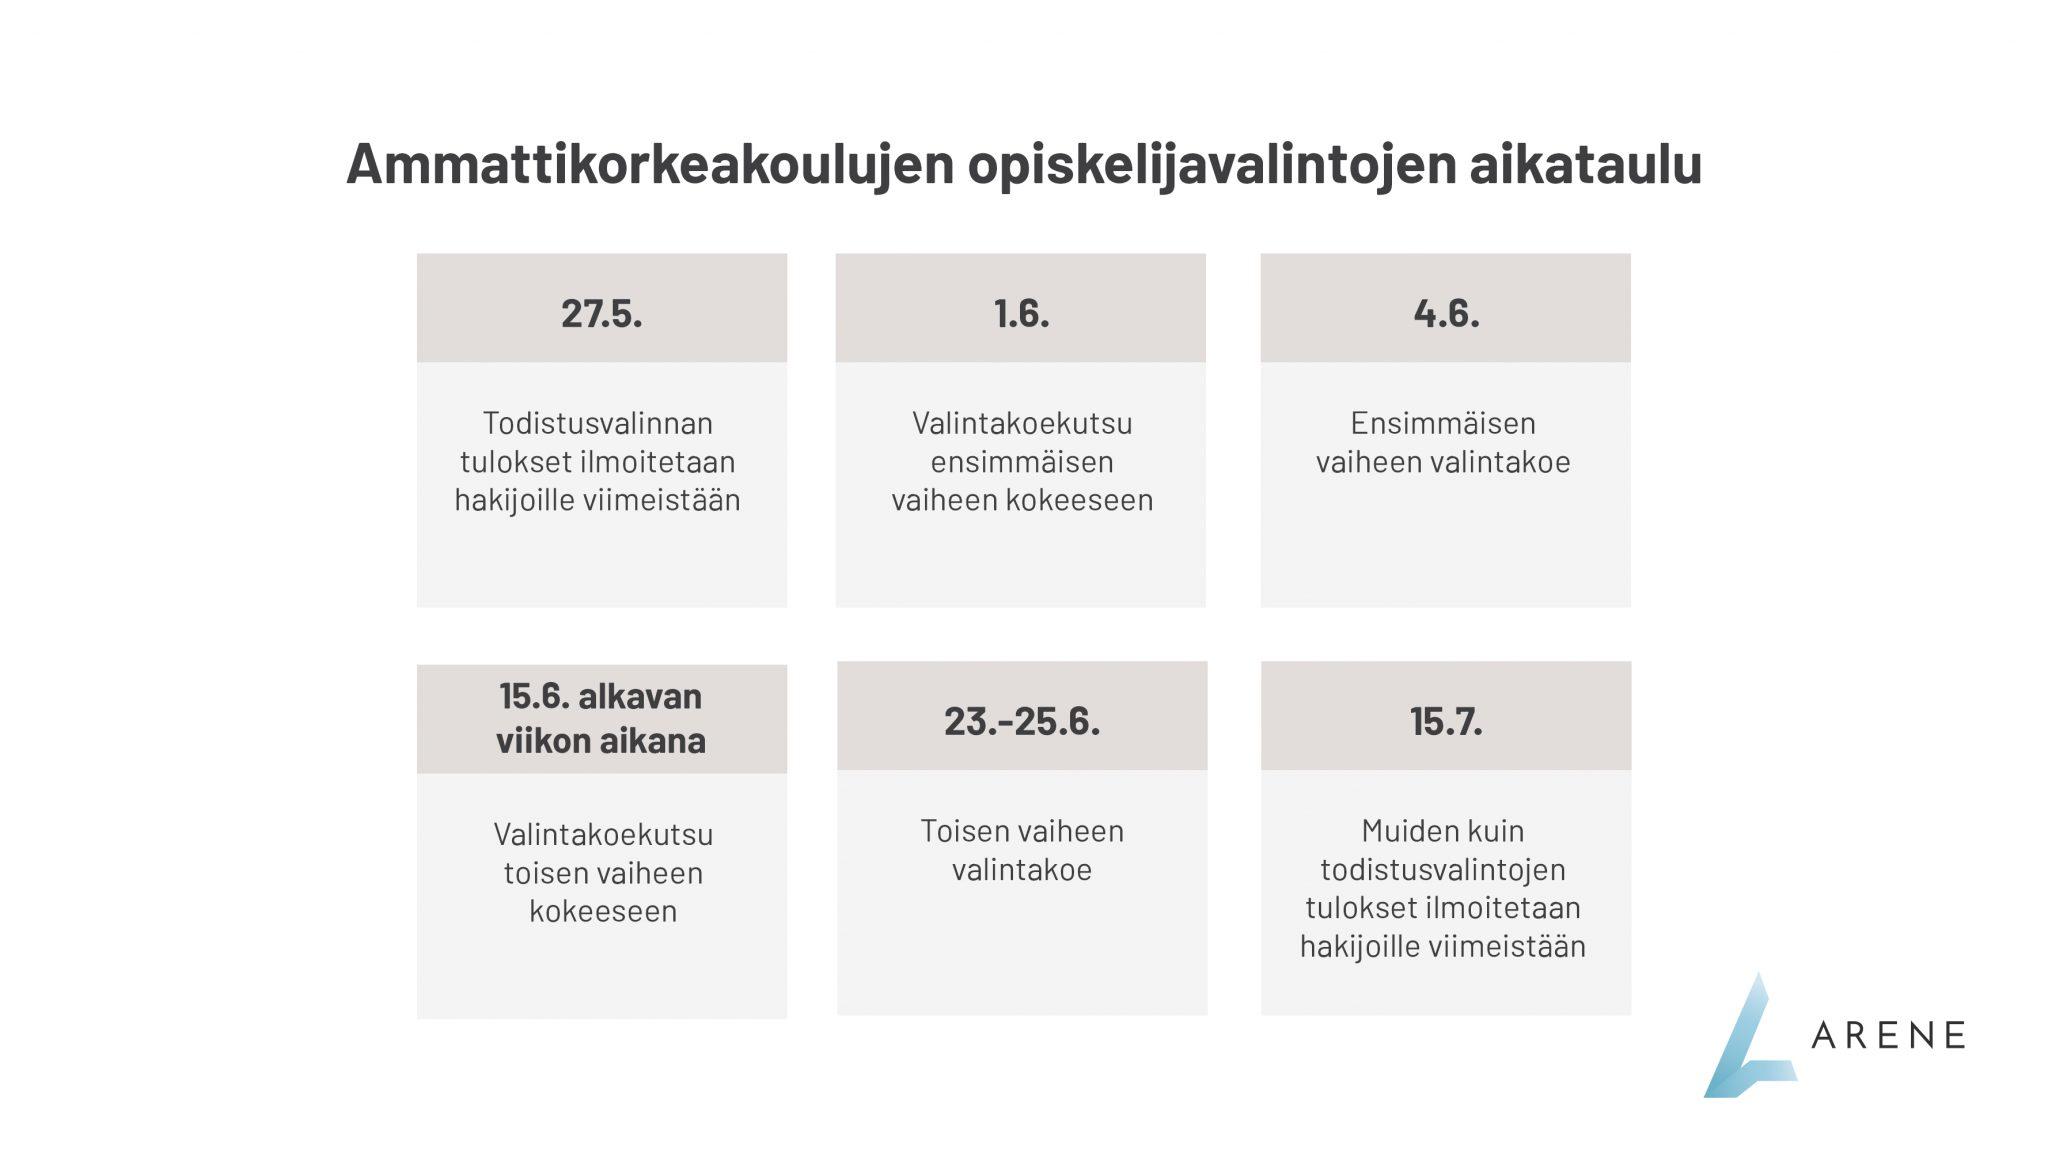 AMK-valintakoeaikataulu. 27.7 todistuvalinnan tulokset, 1.6. valintakoekutsu, 4.6. 1. valintakoe, 15.6. valintakoekutsu, 23.-25.6. 2. valintakoe, 15.7. tulokset valituille.